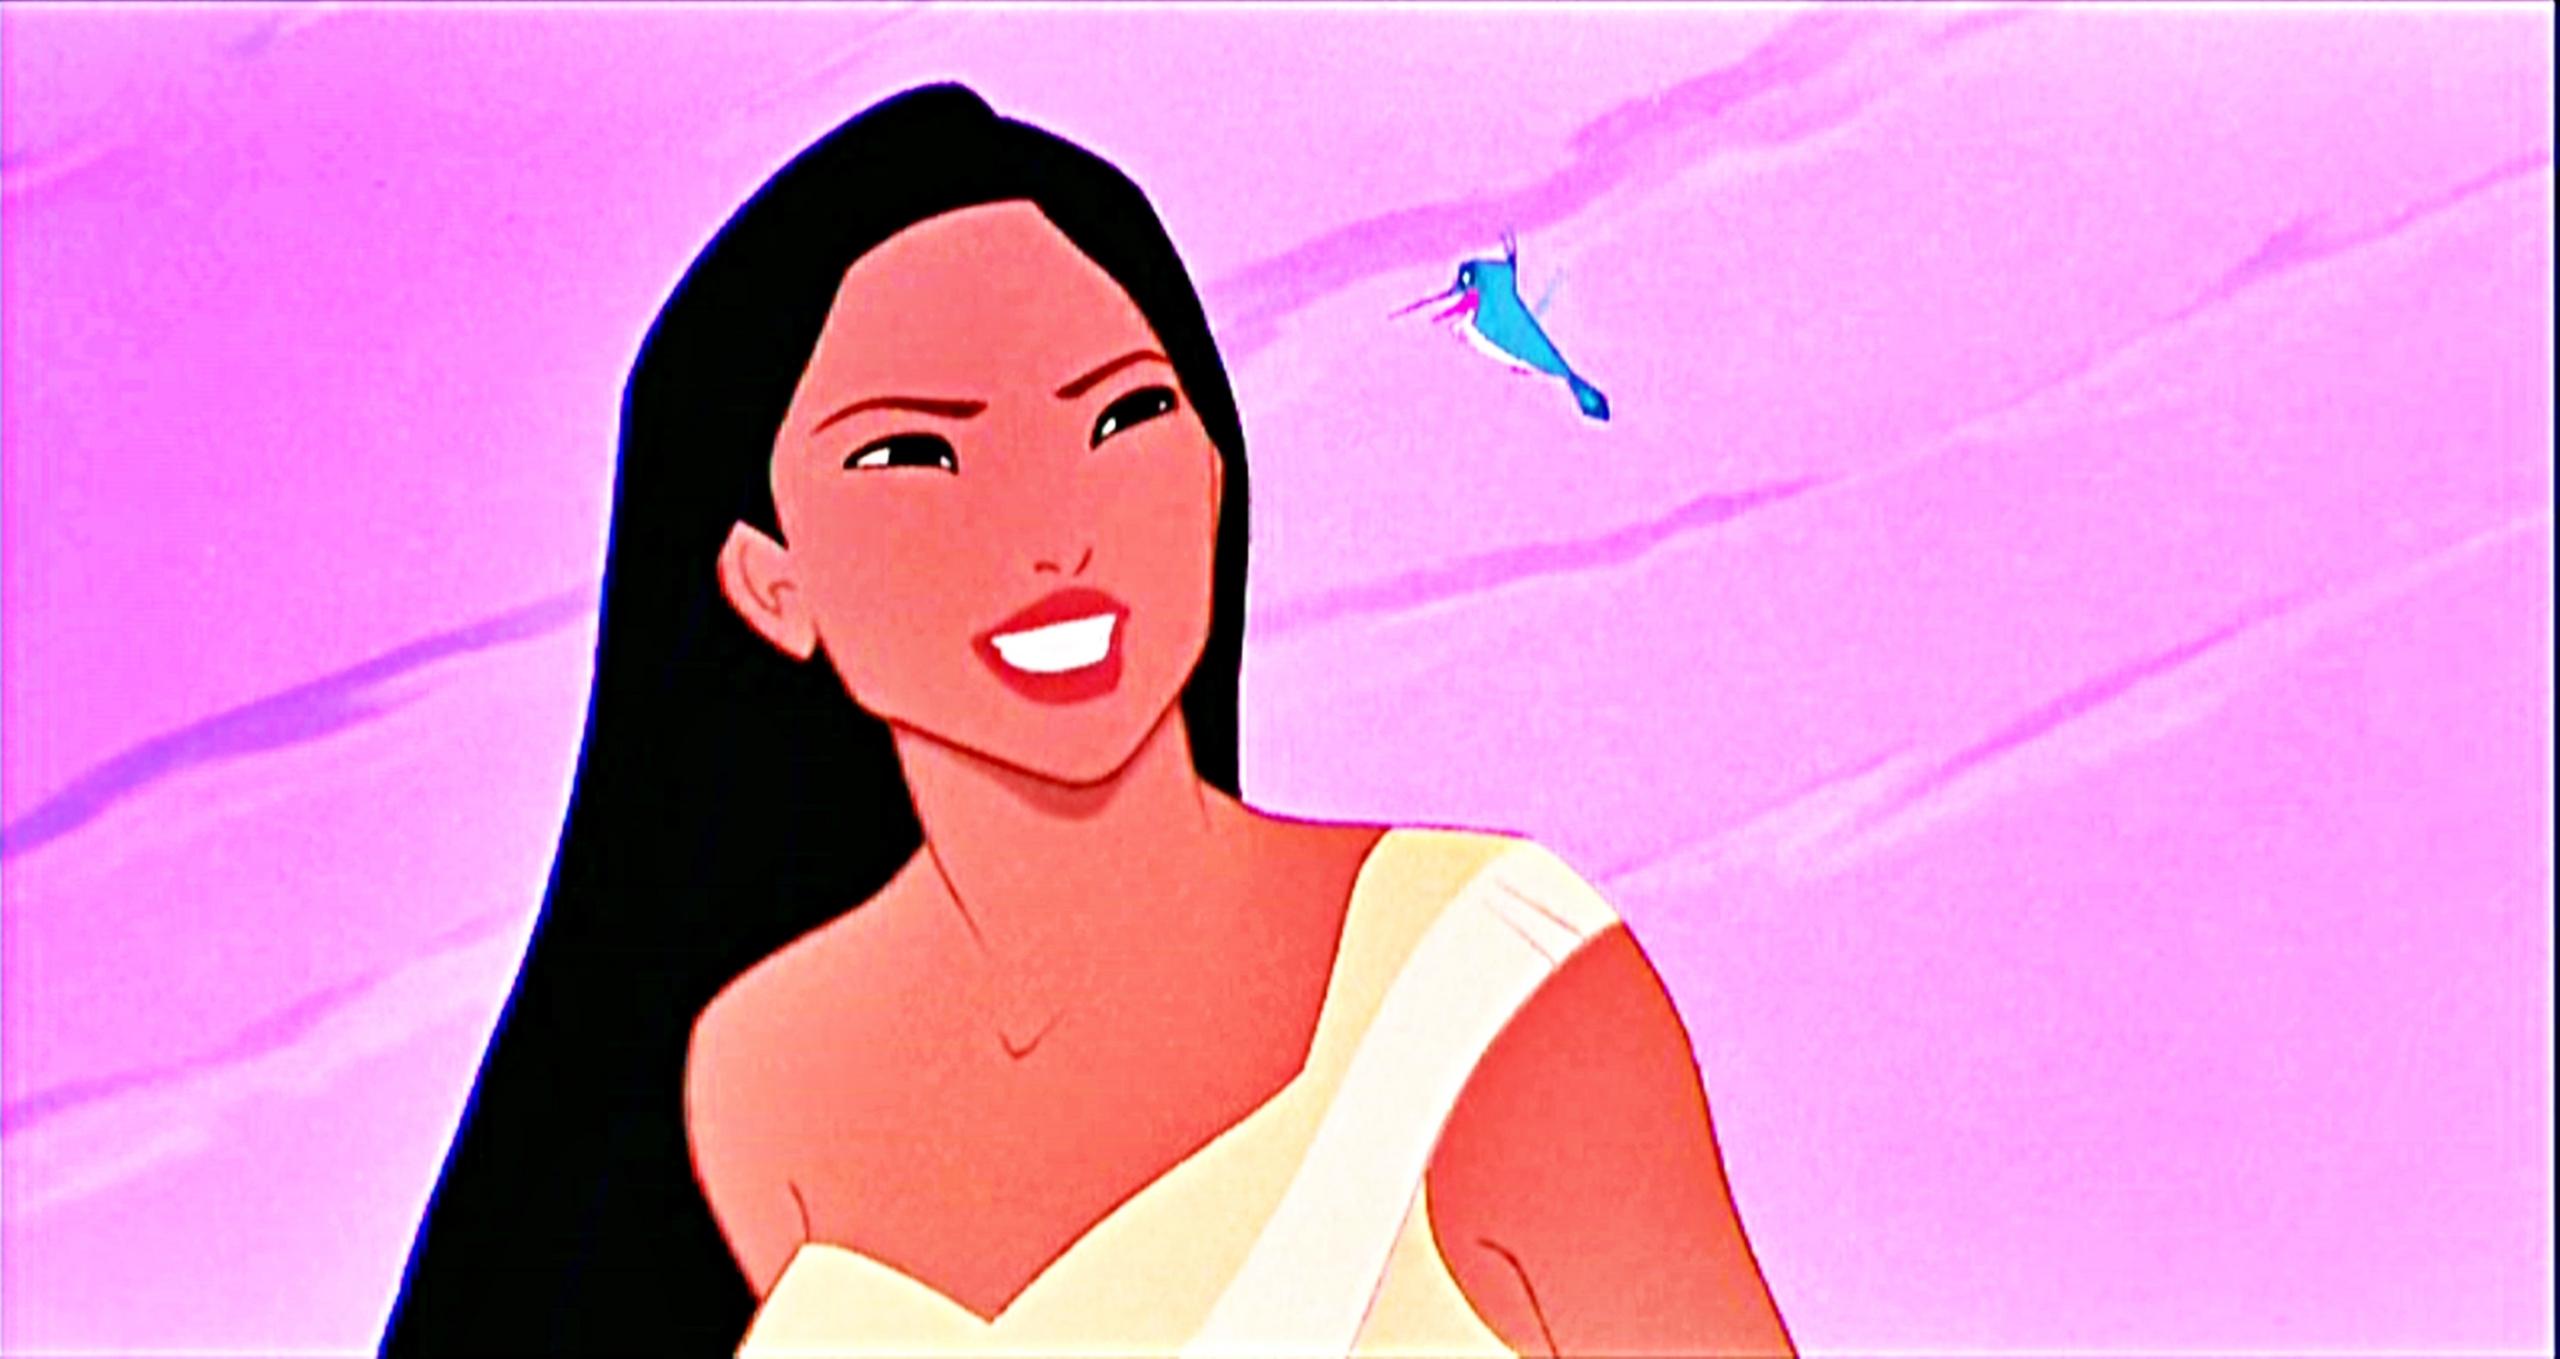 Pics For Gt Princess Pocahontas Face